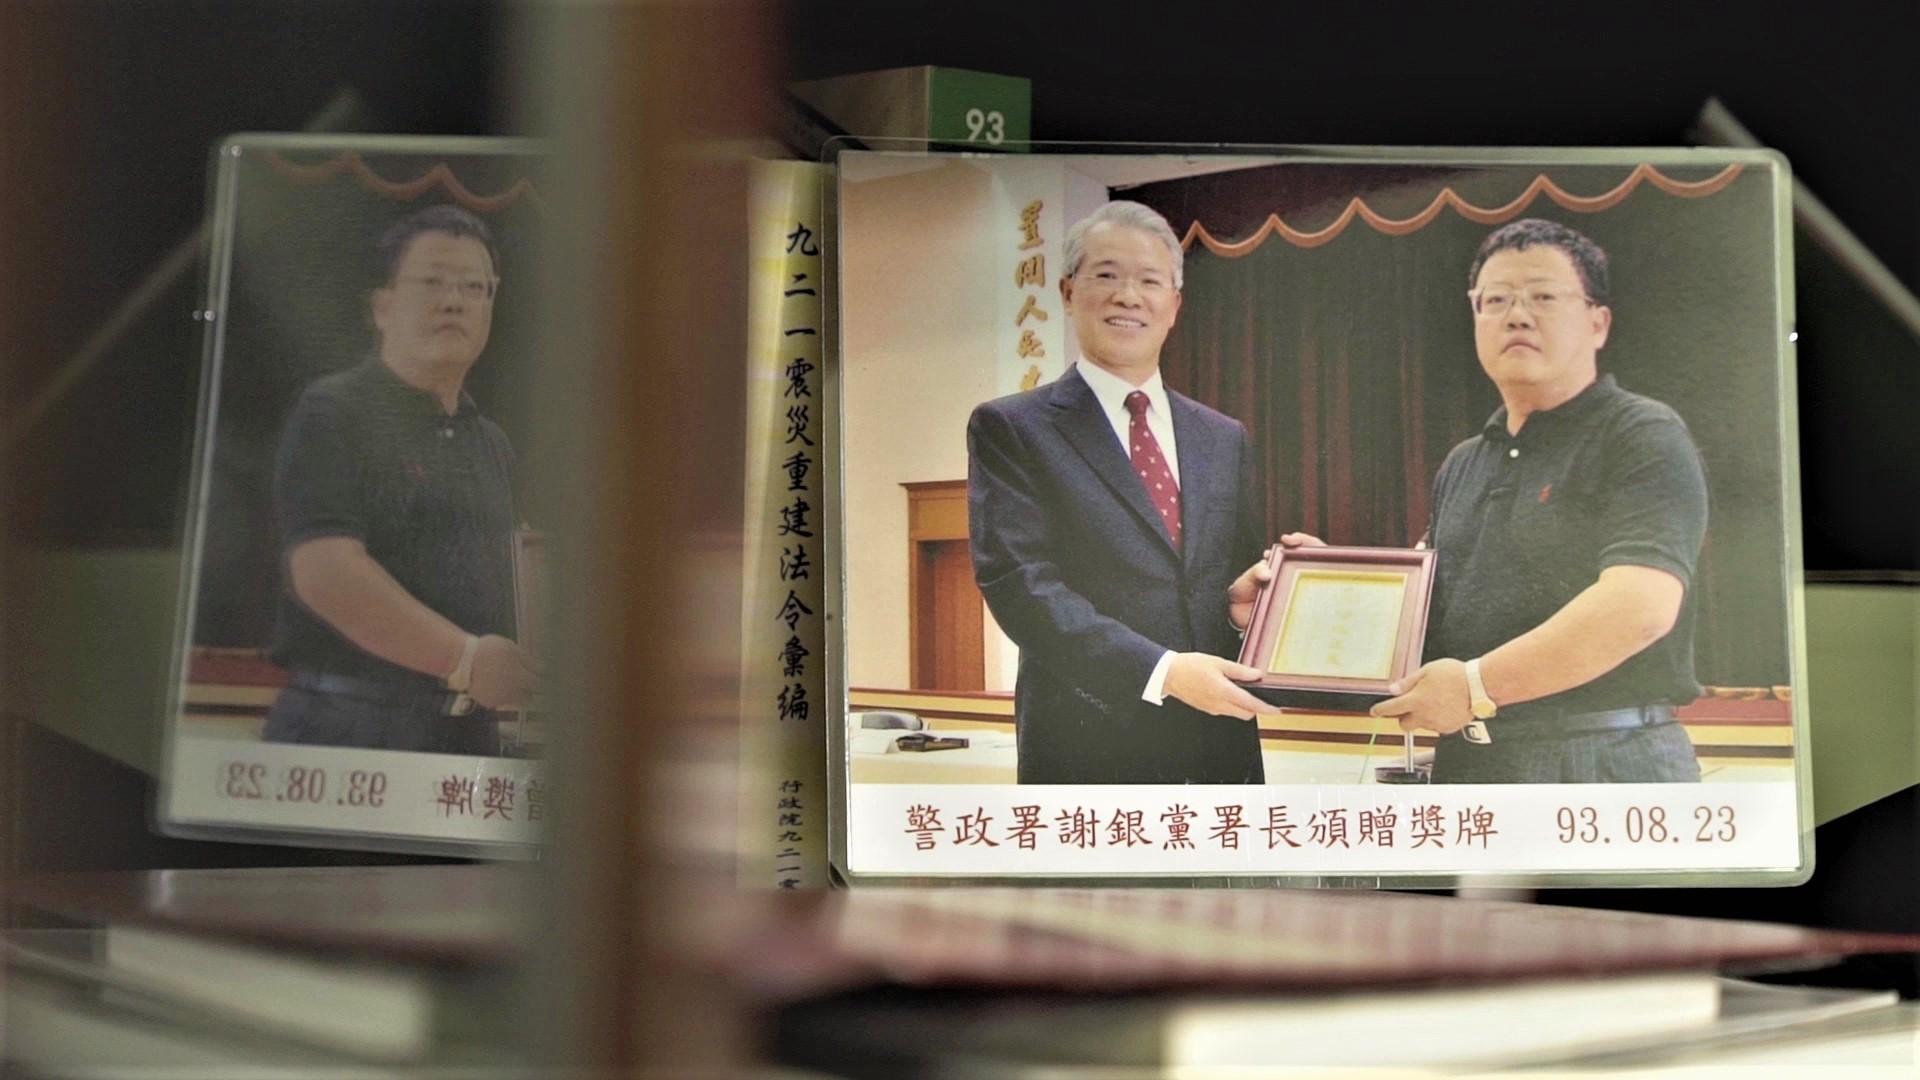 陳惠澤2004年從警政署署長謝銀黨手中頒贈「伸張正義」獎牌